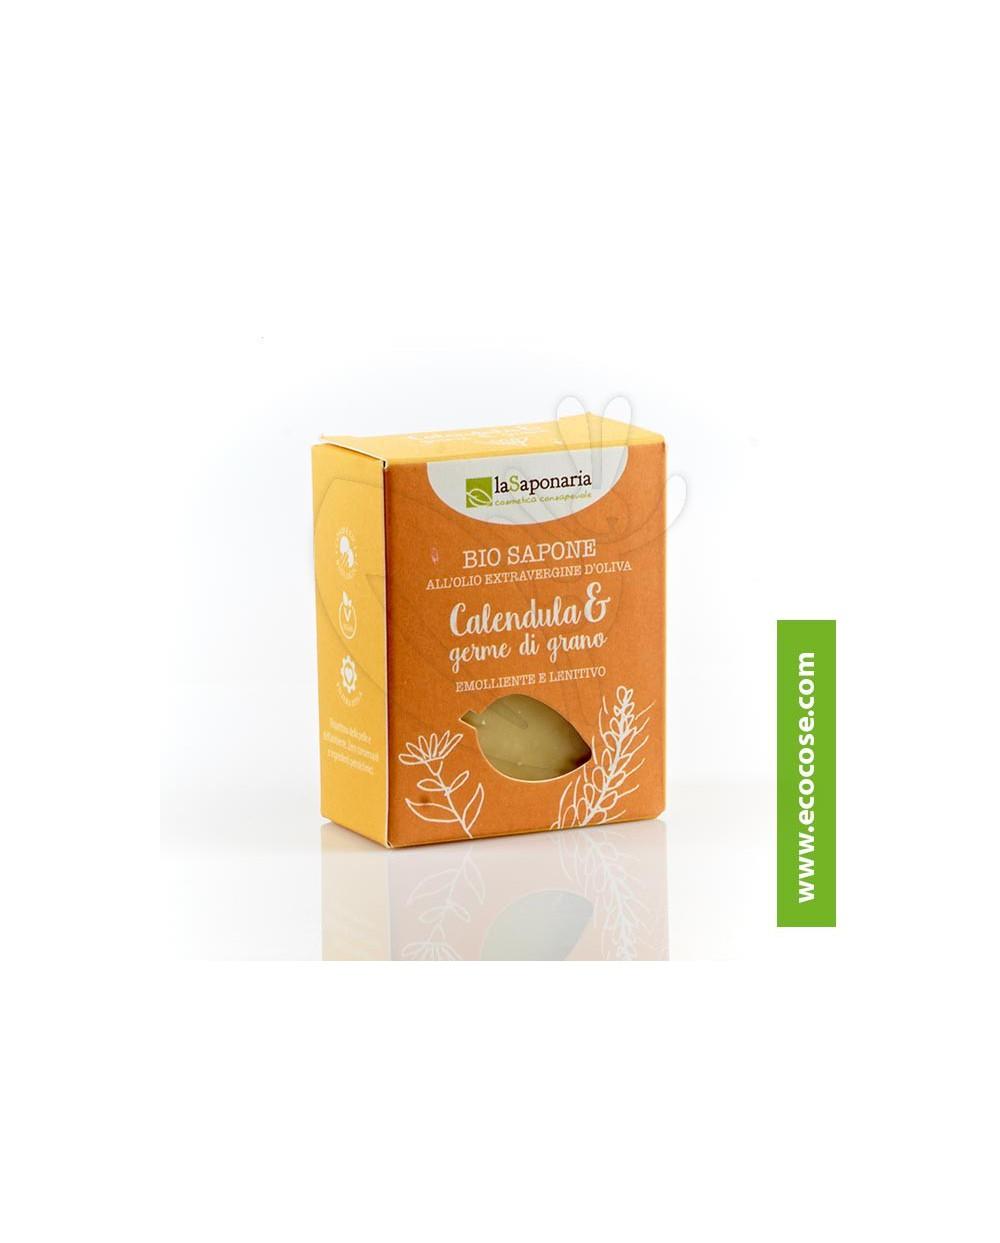 La Saponaria - Sapone calendula e germe di grano